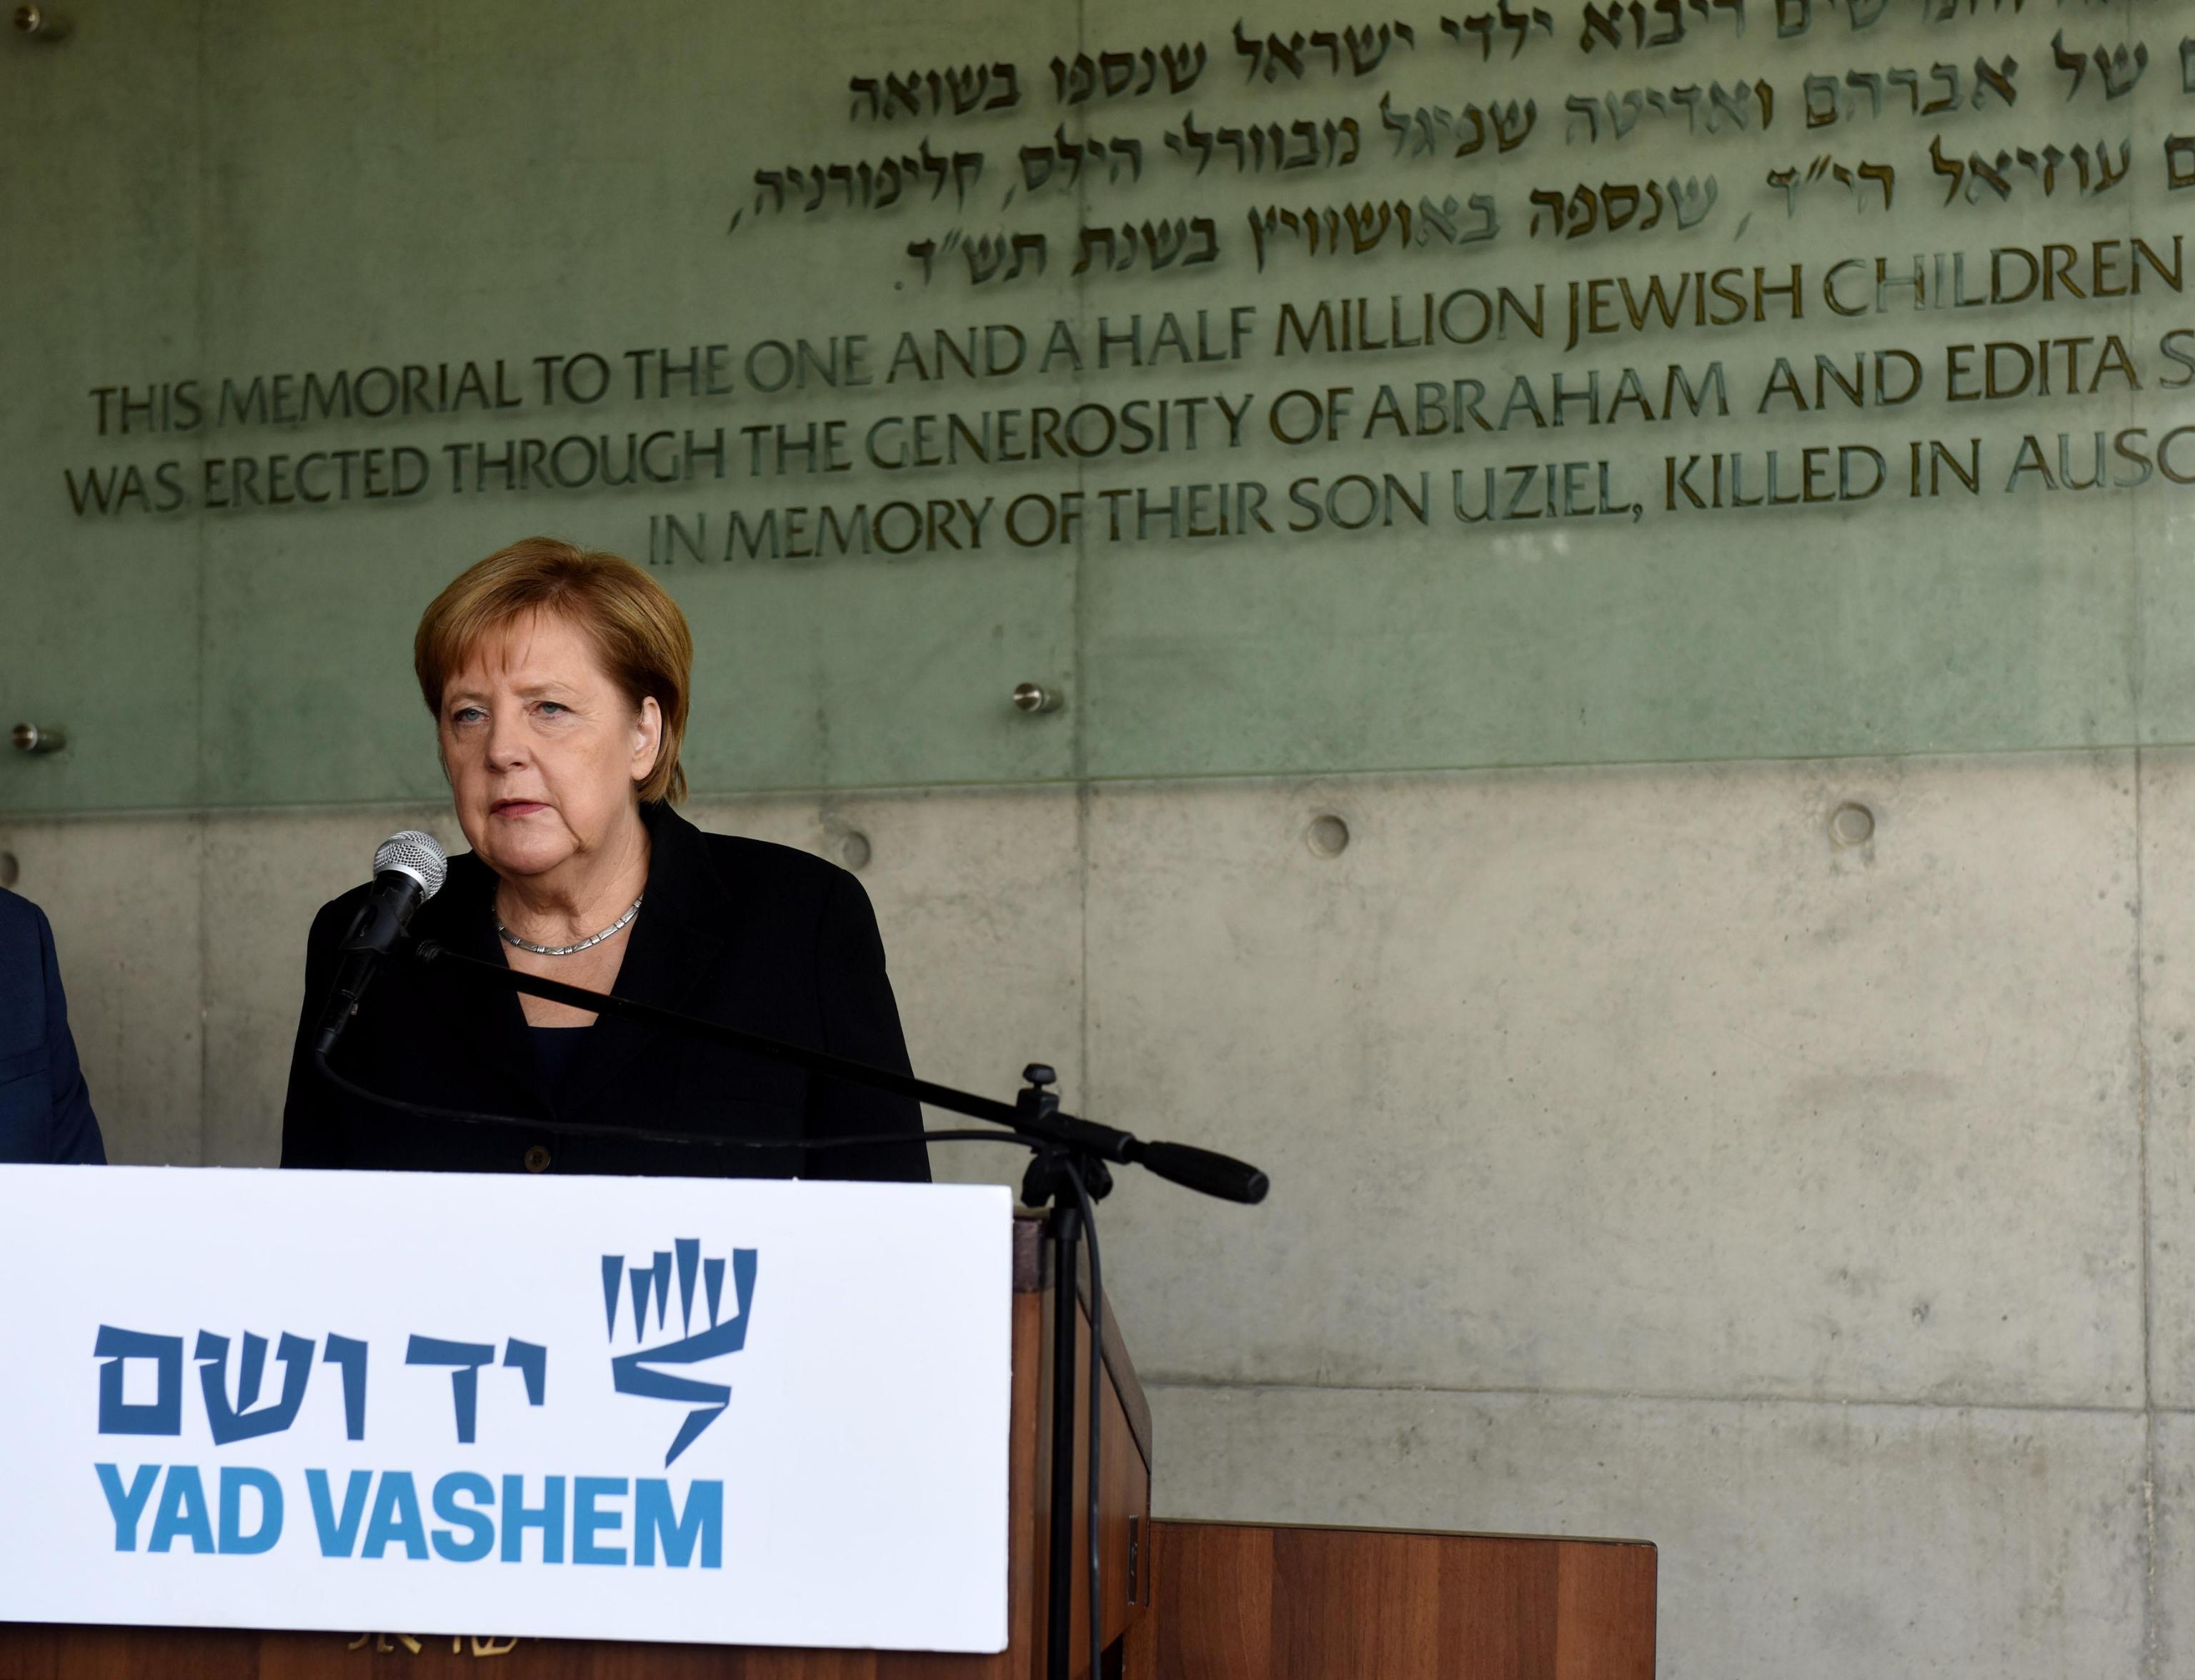 Angela Merkel e il discorso al memoriale delle vittime dell'olocausto